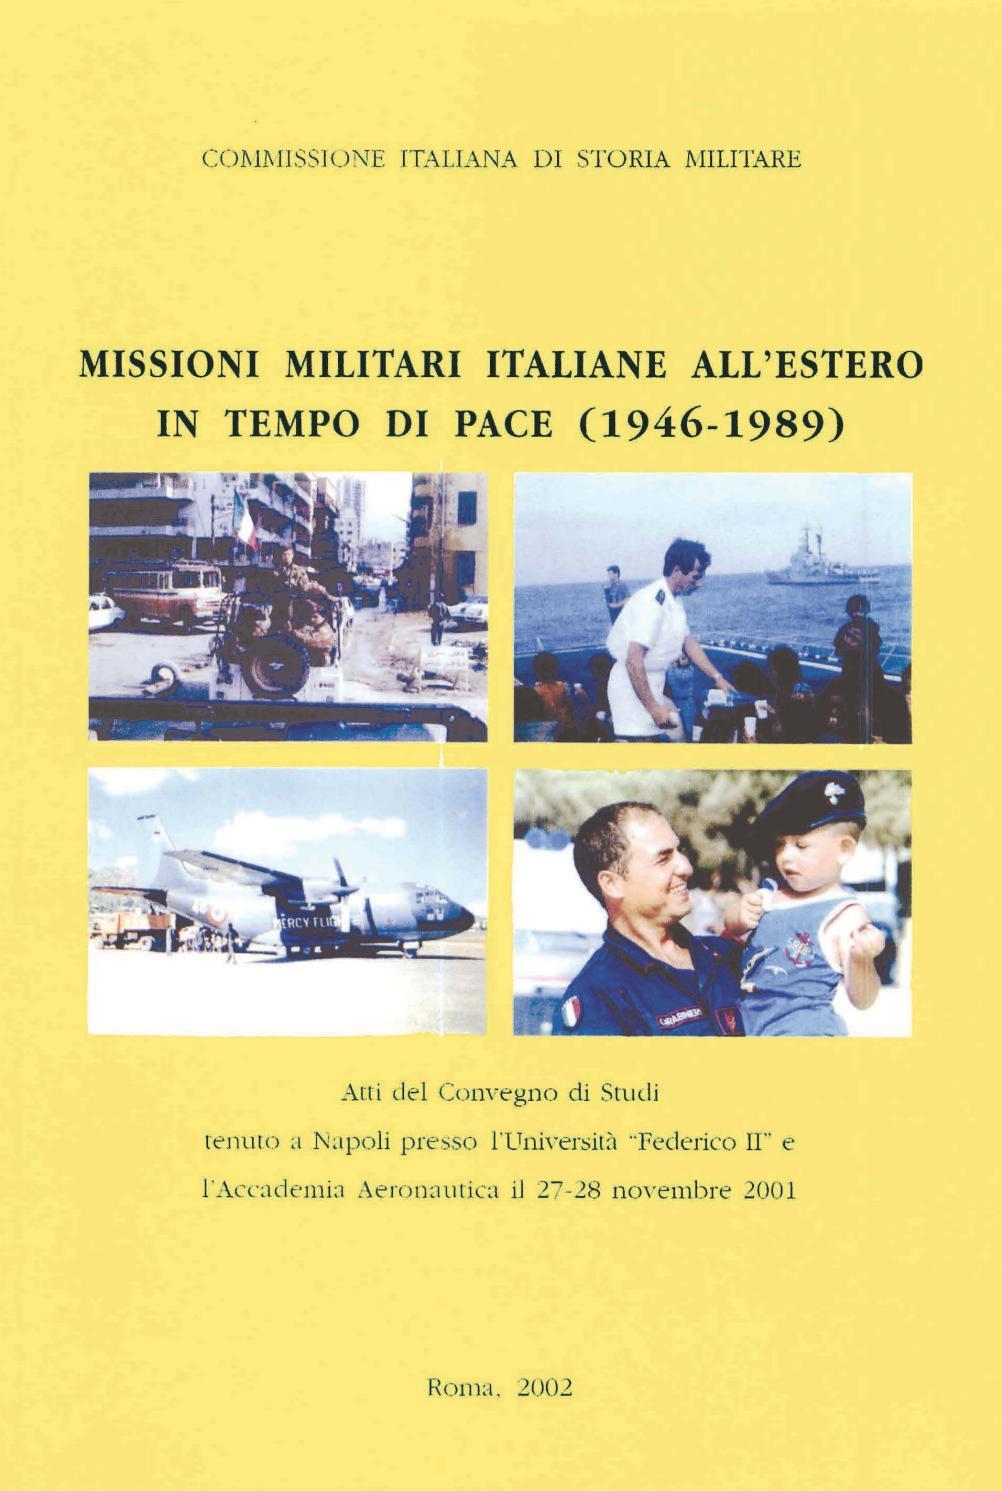 Missioni Militari Italiane All Estero In Tempo Di Pace 1946 1989 By Biblioteca Militare Issuu